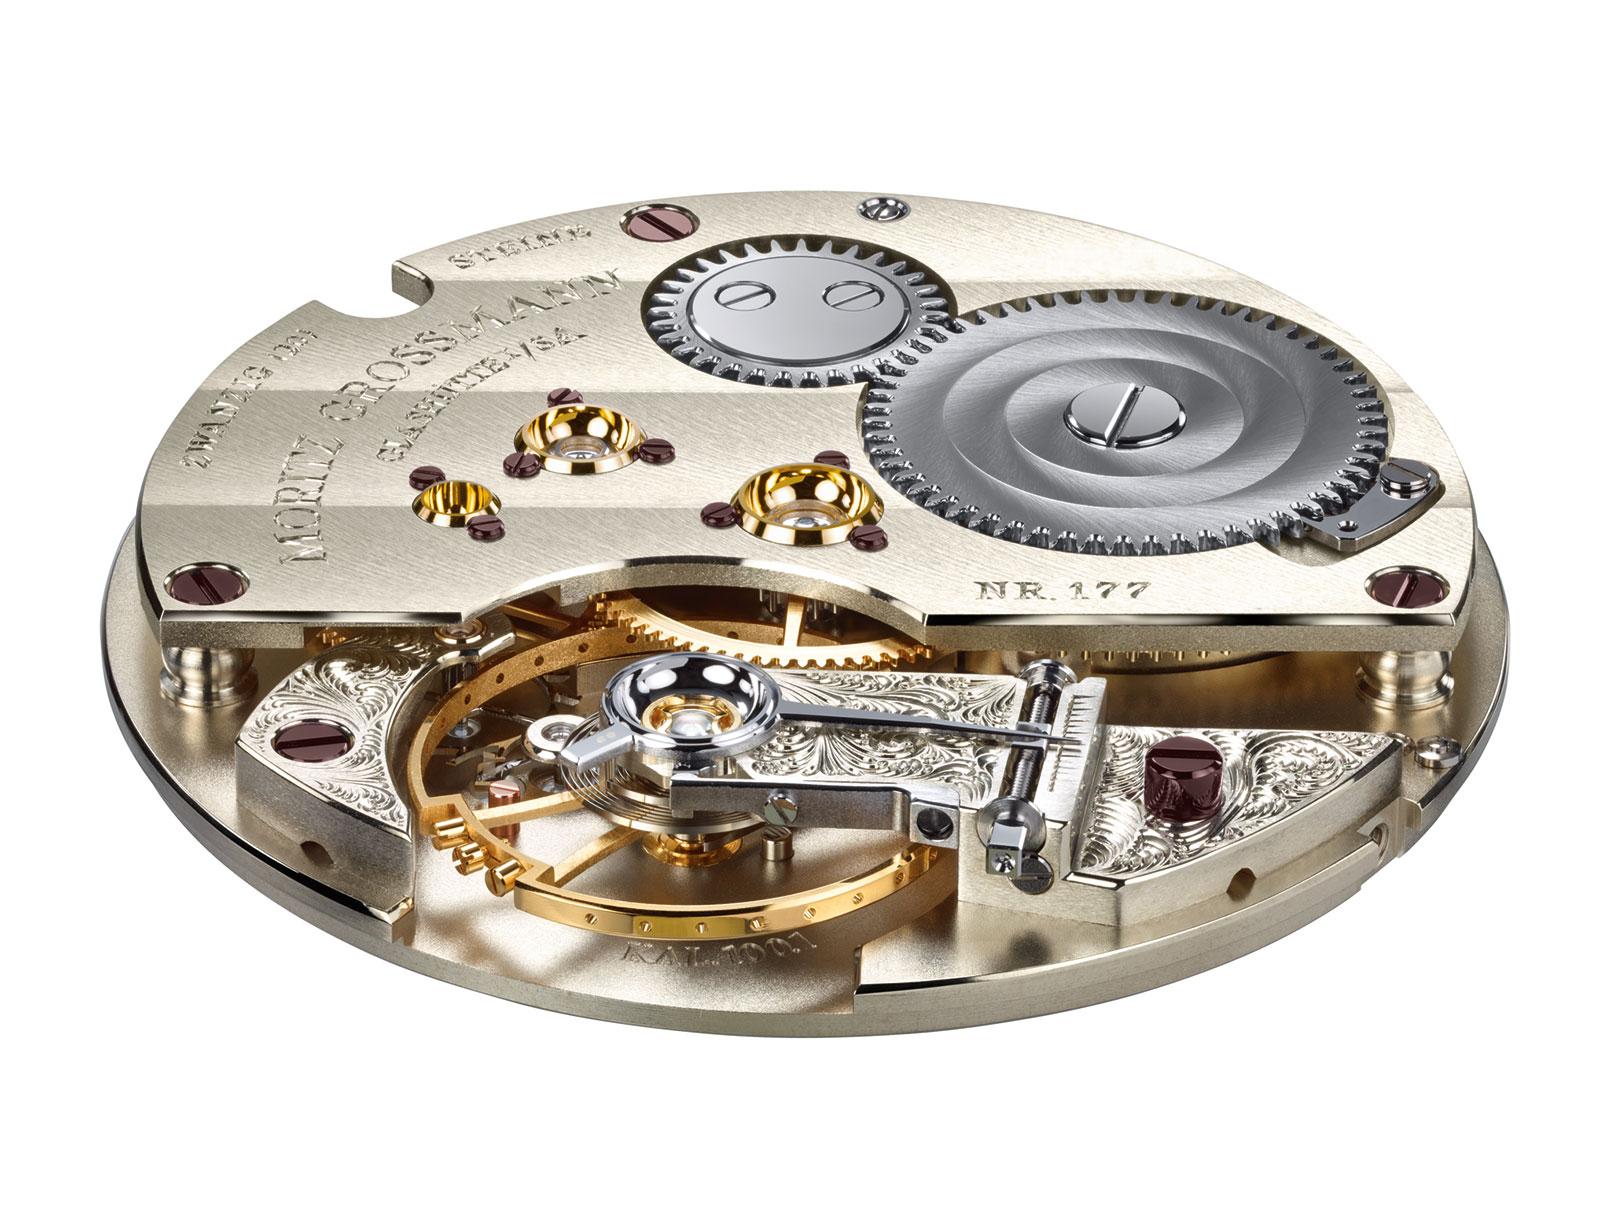 Moritz Grossmann Atum calibre 100.1